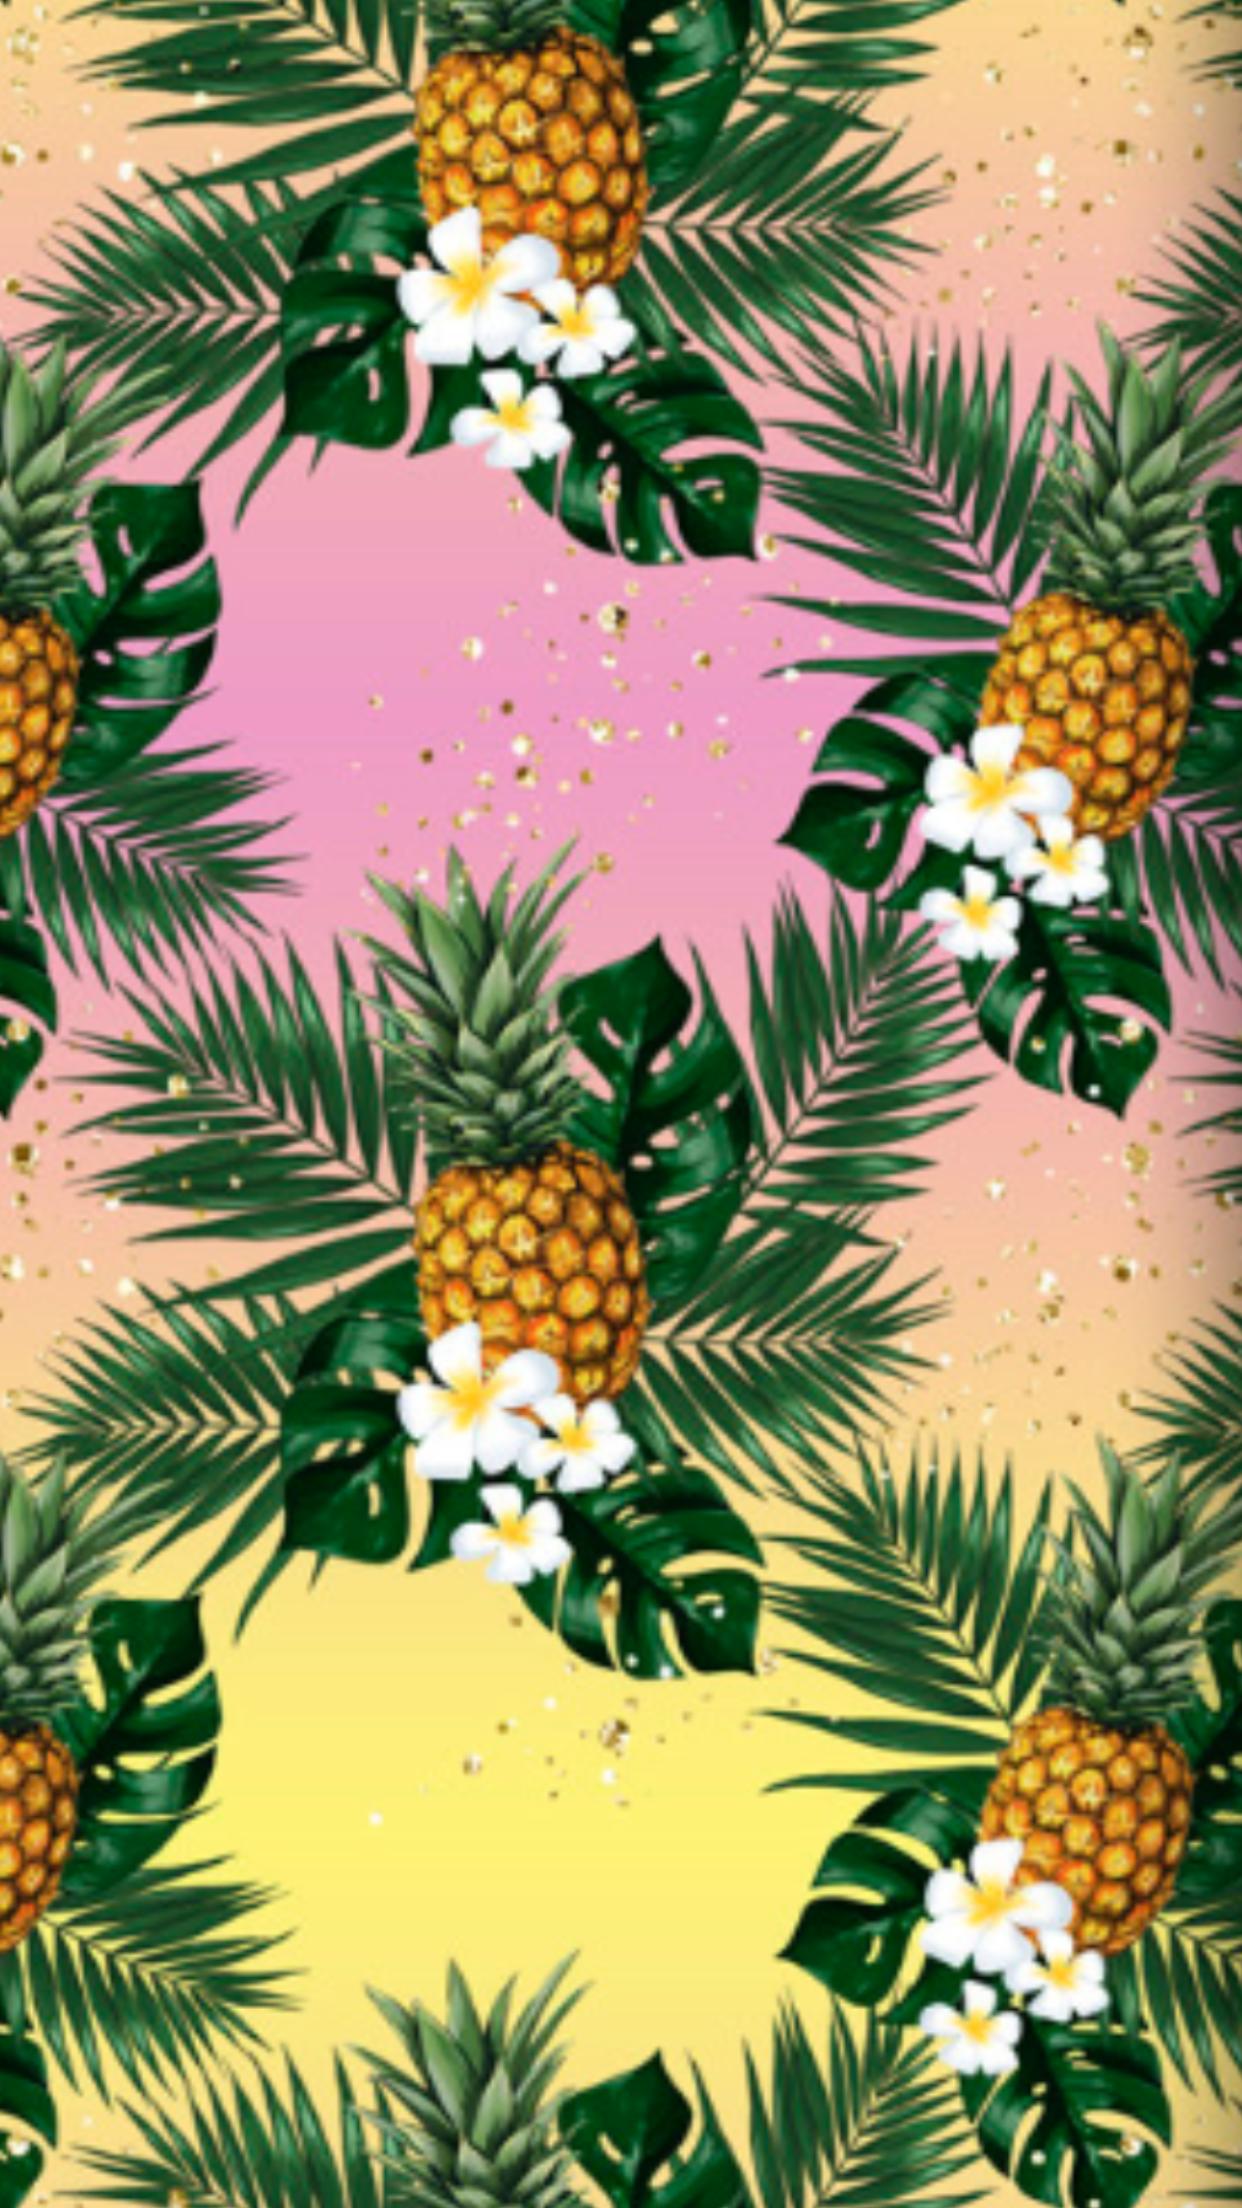 トロピカルパイナップル 壁紙のpi 1242x28 Wallpapertip